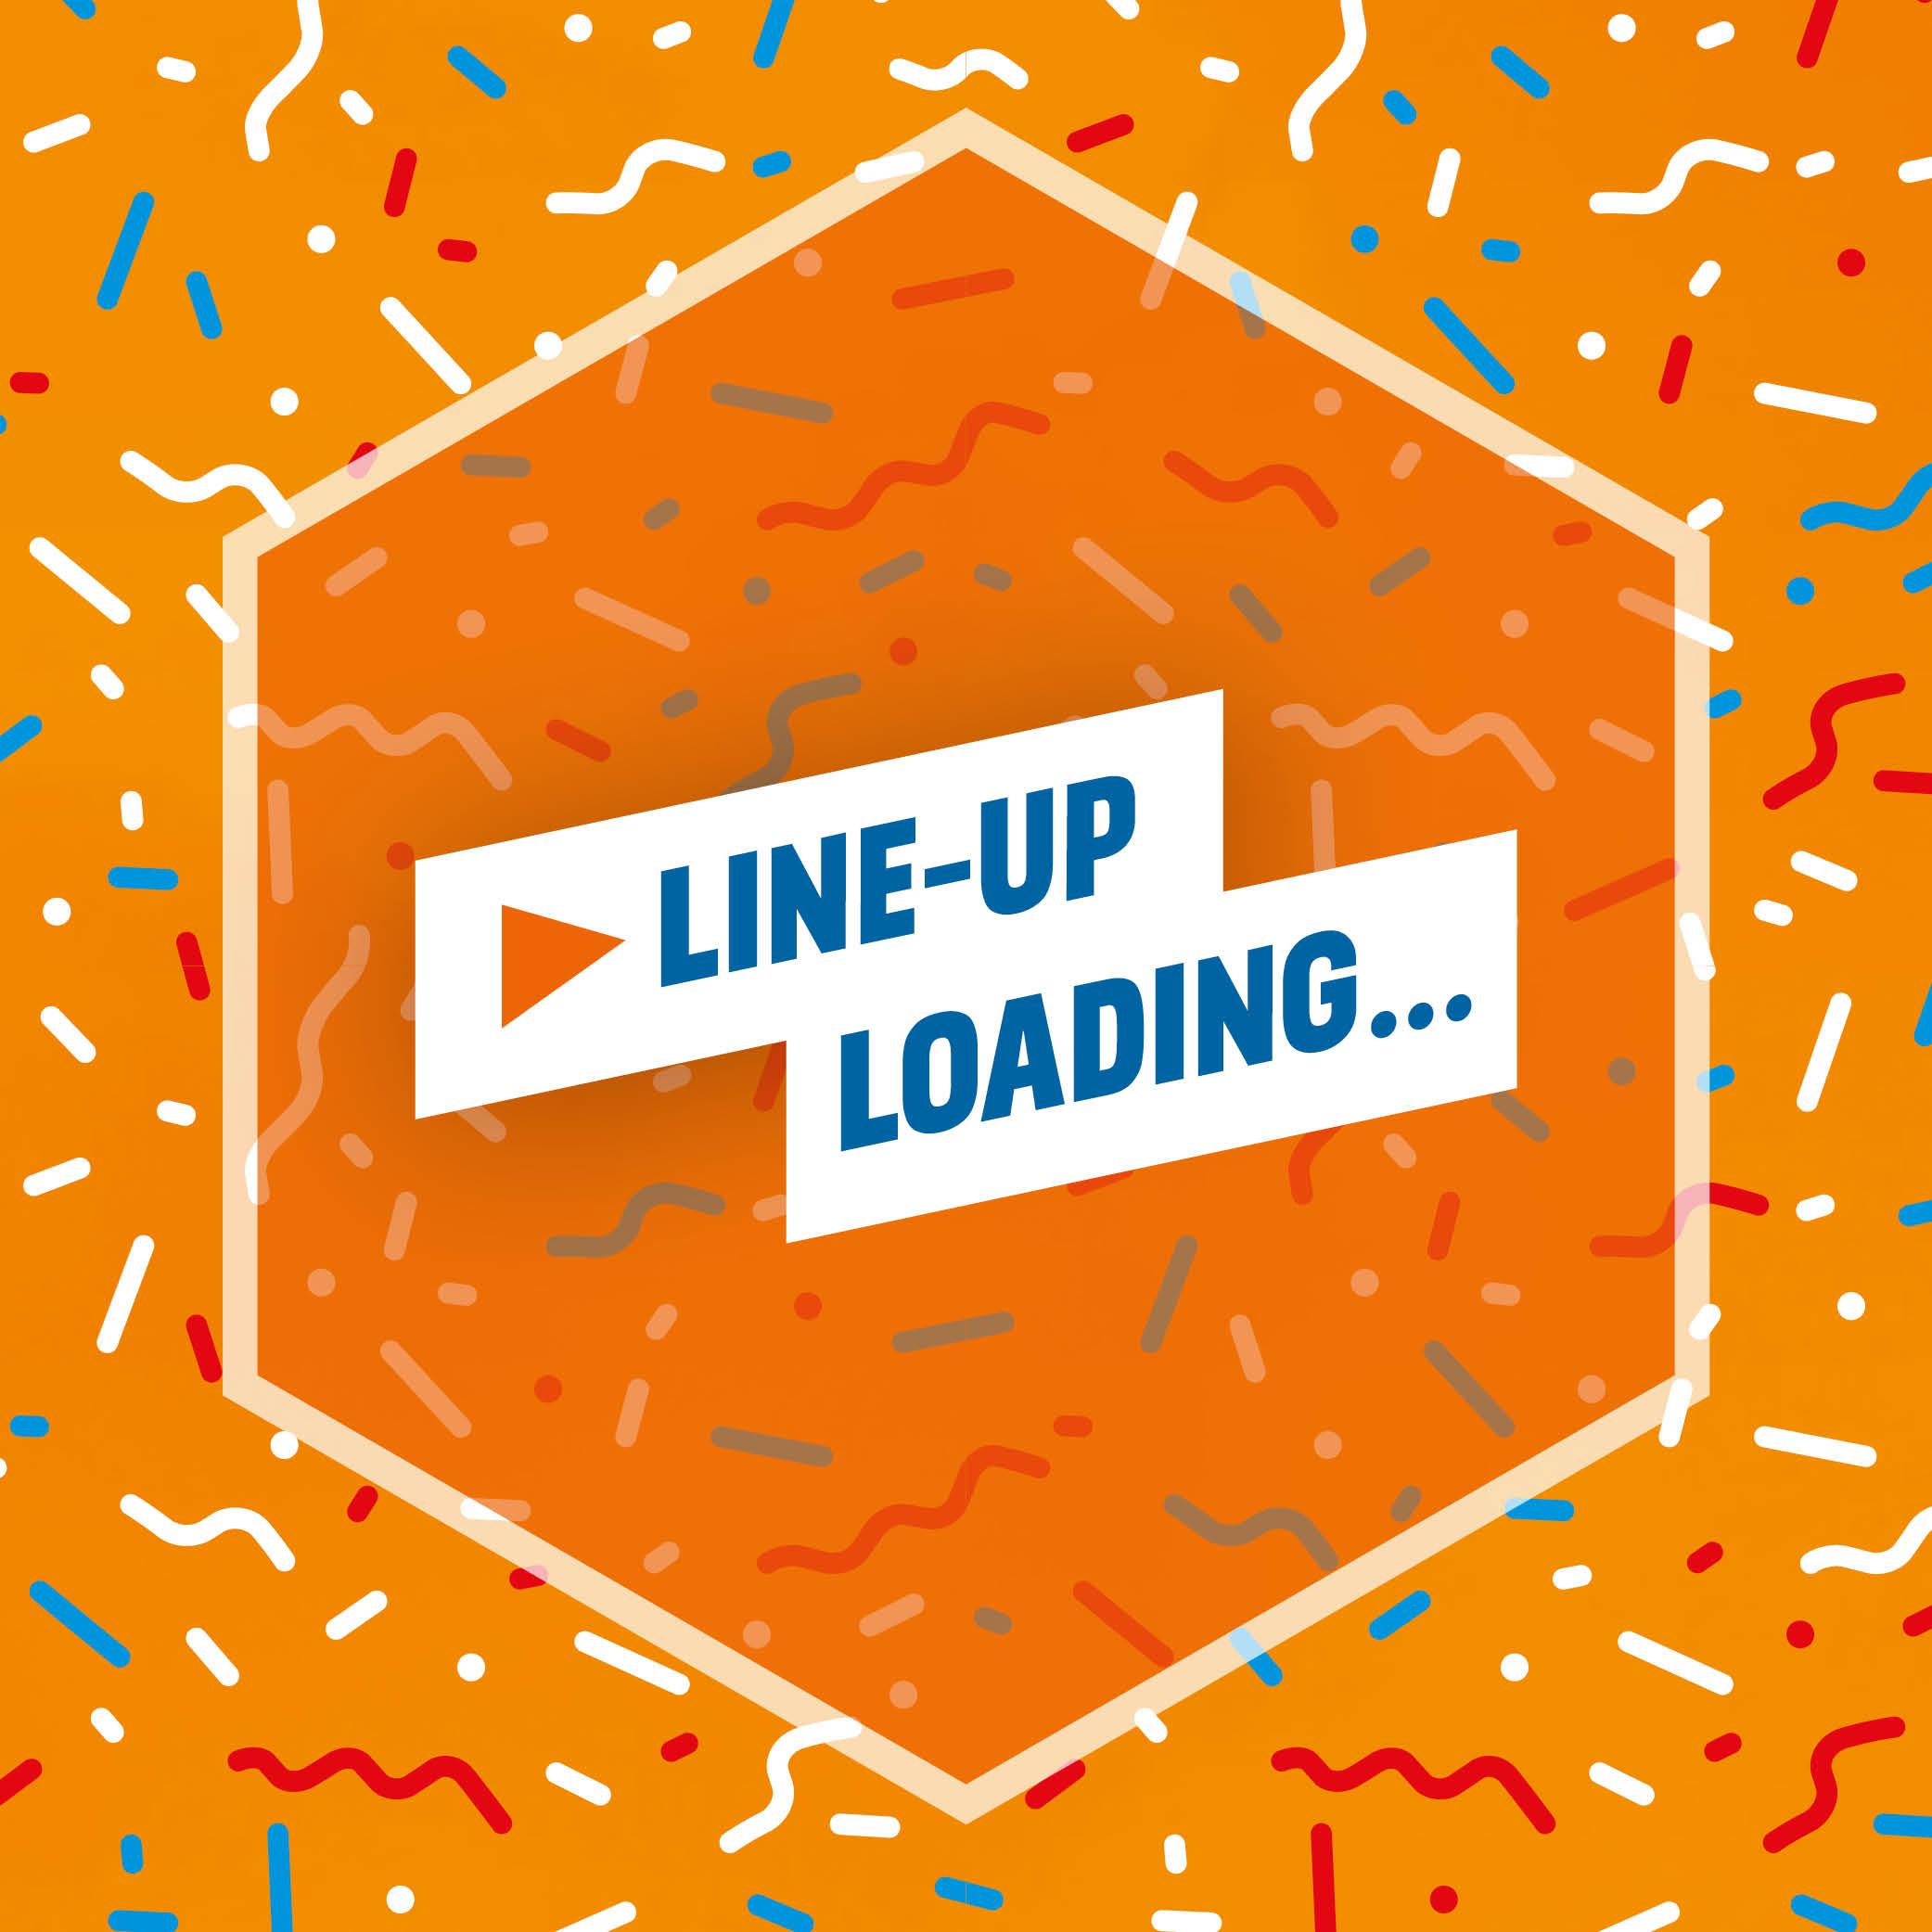 LINE-UP LOADING...